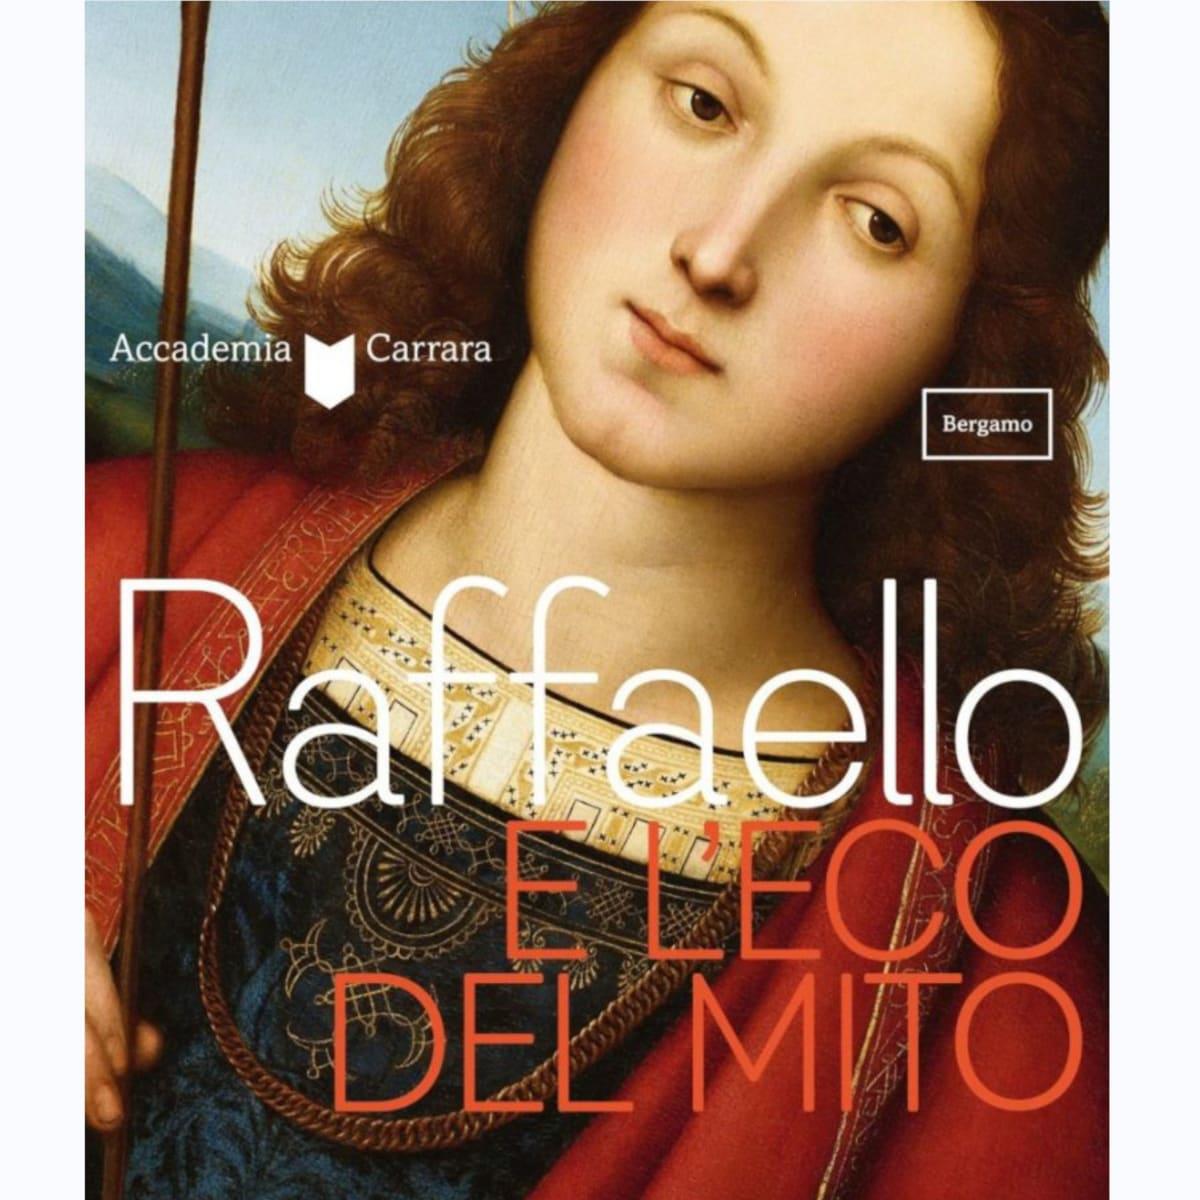 Raffaello e l'eco del mito/Raphael and the echo of the myth